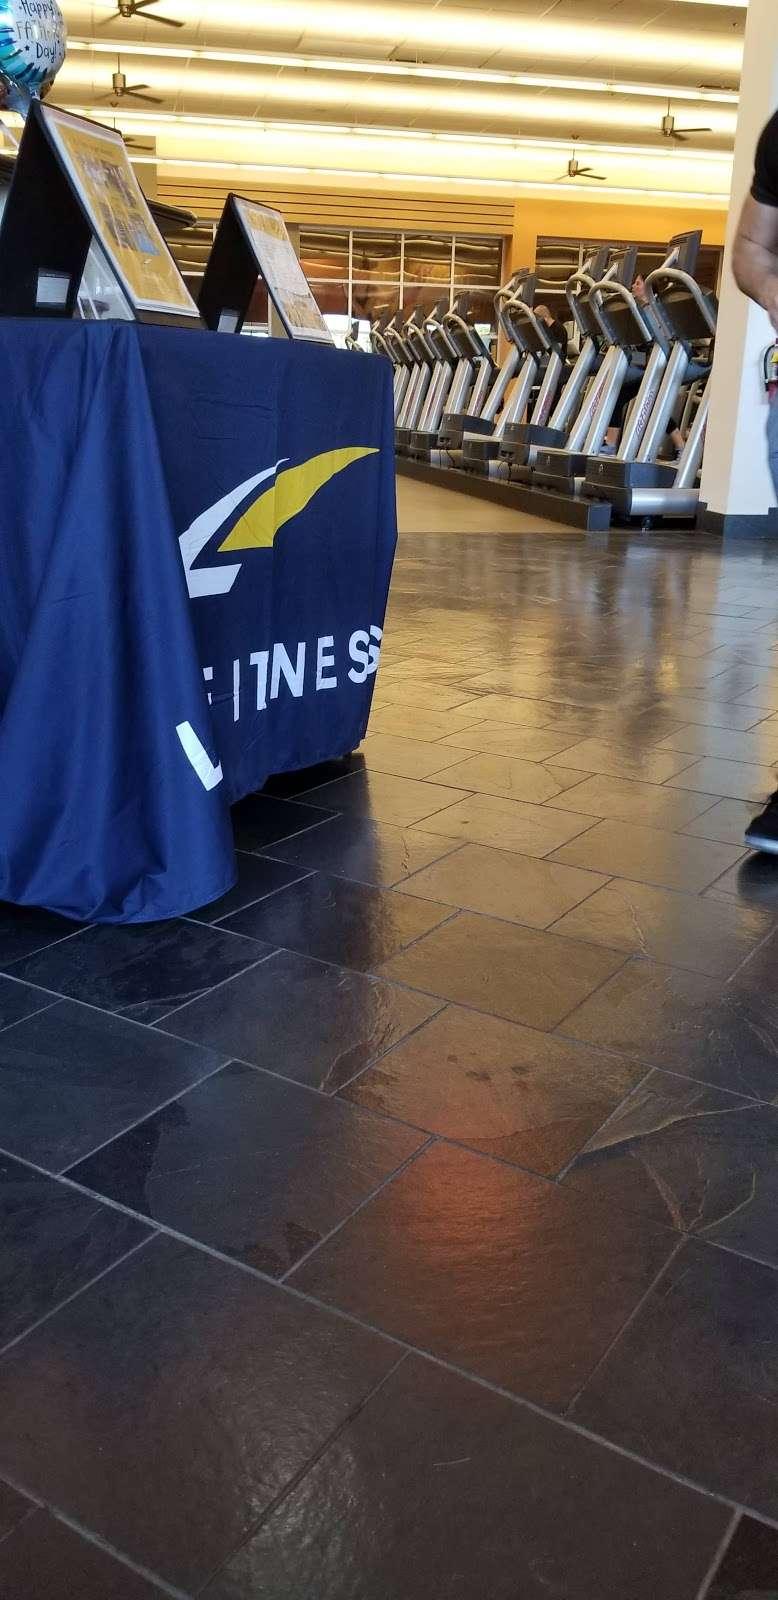 LA Fitness - gym    Photo 5 of 6   Address: 9880 W Lower Buckeye Rd, Tolleson, AZ 85353, USA   Phone: (602) 734-1363